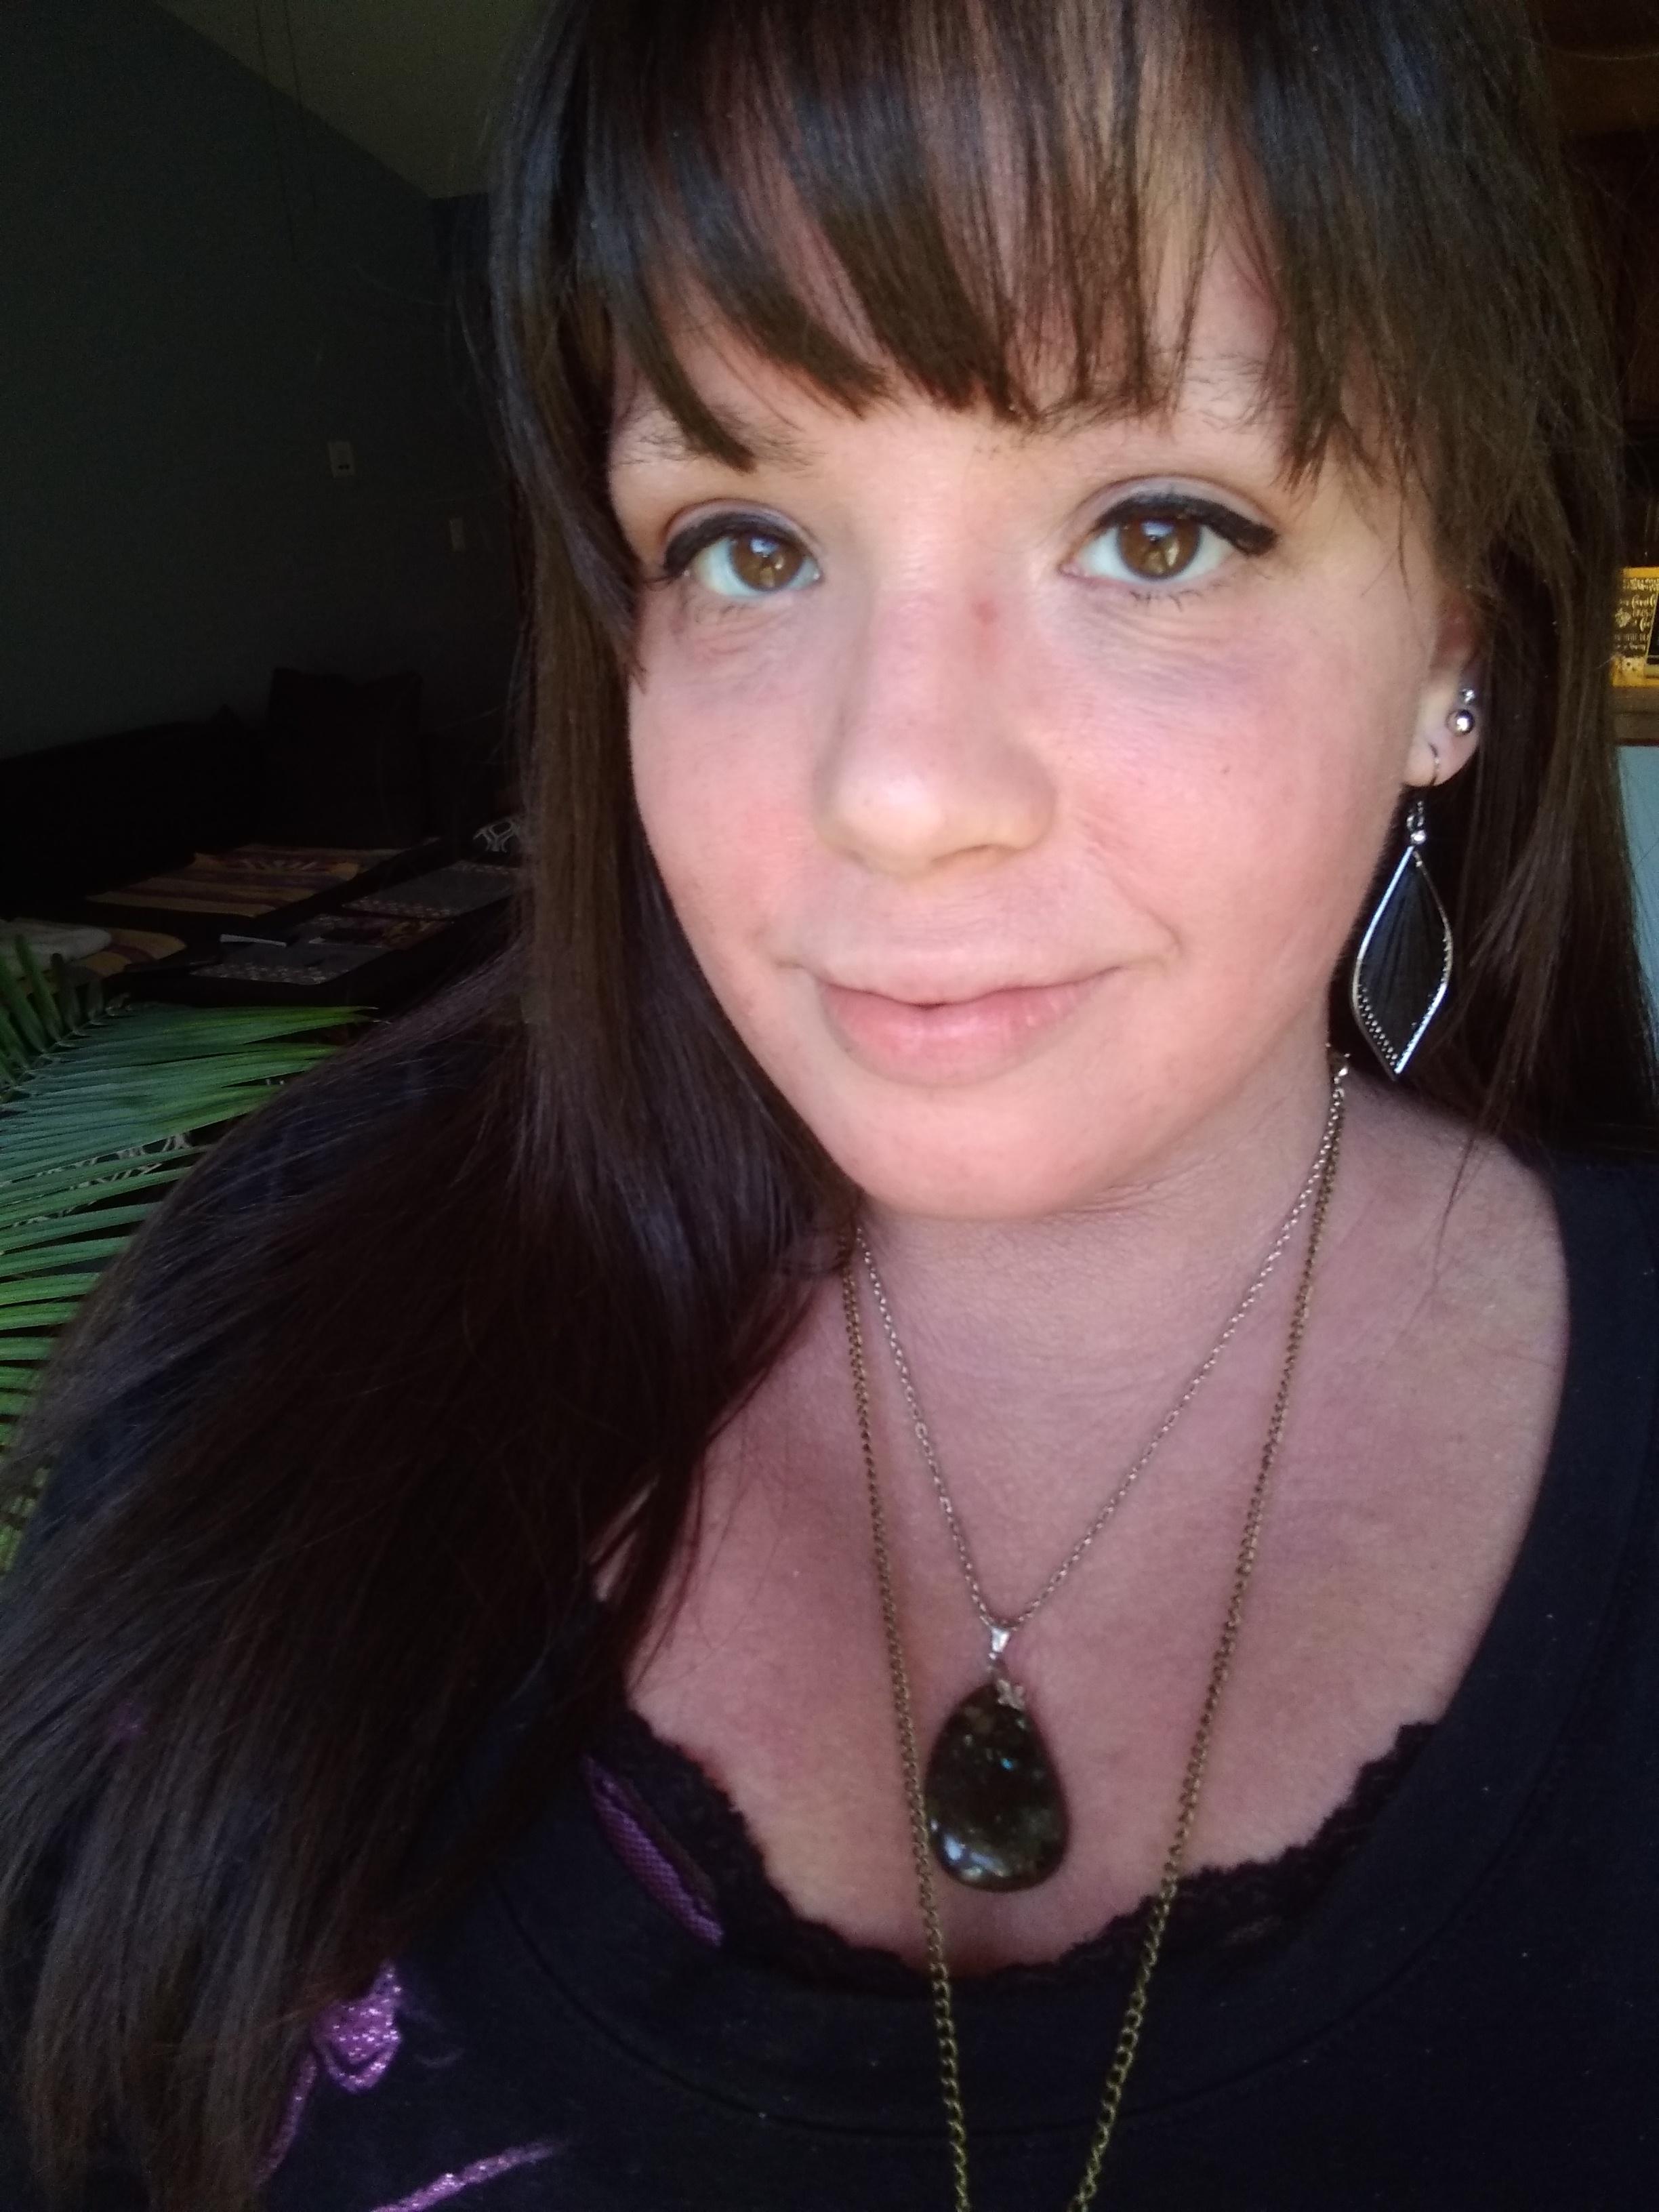 Kratom Stories: Nina Ajdin from Illinois